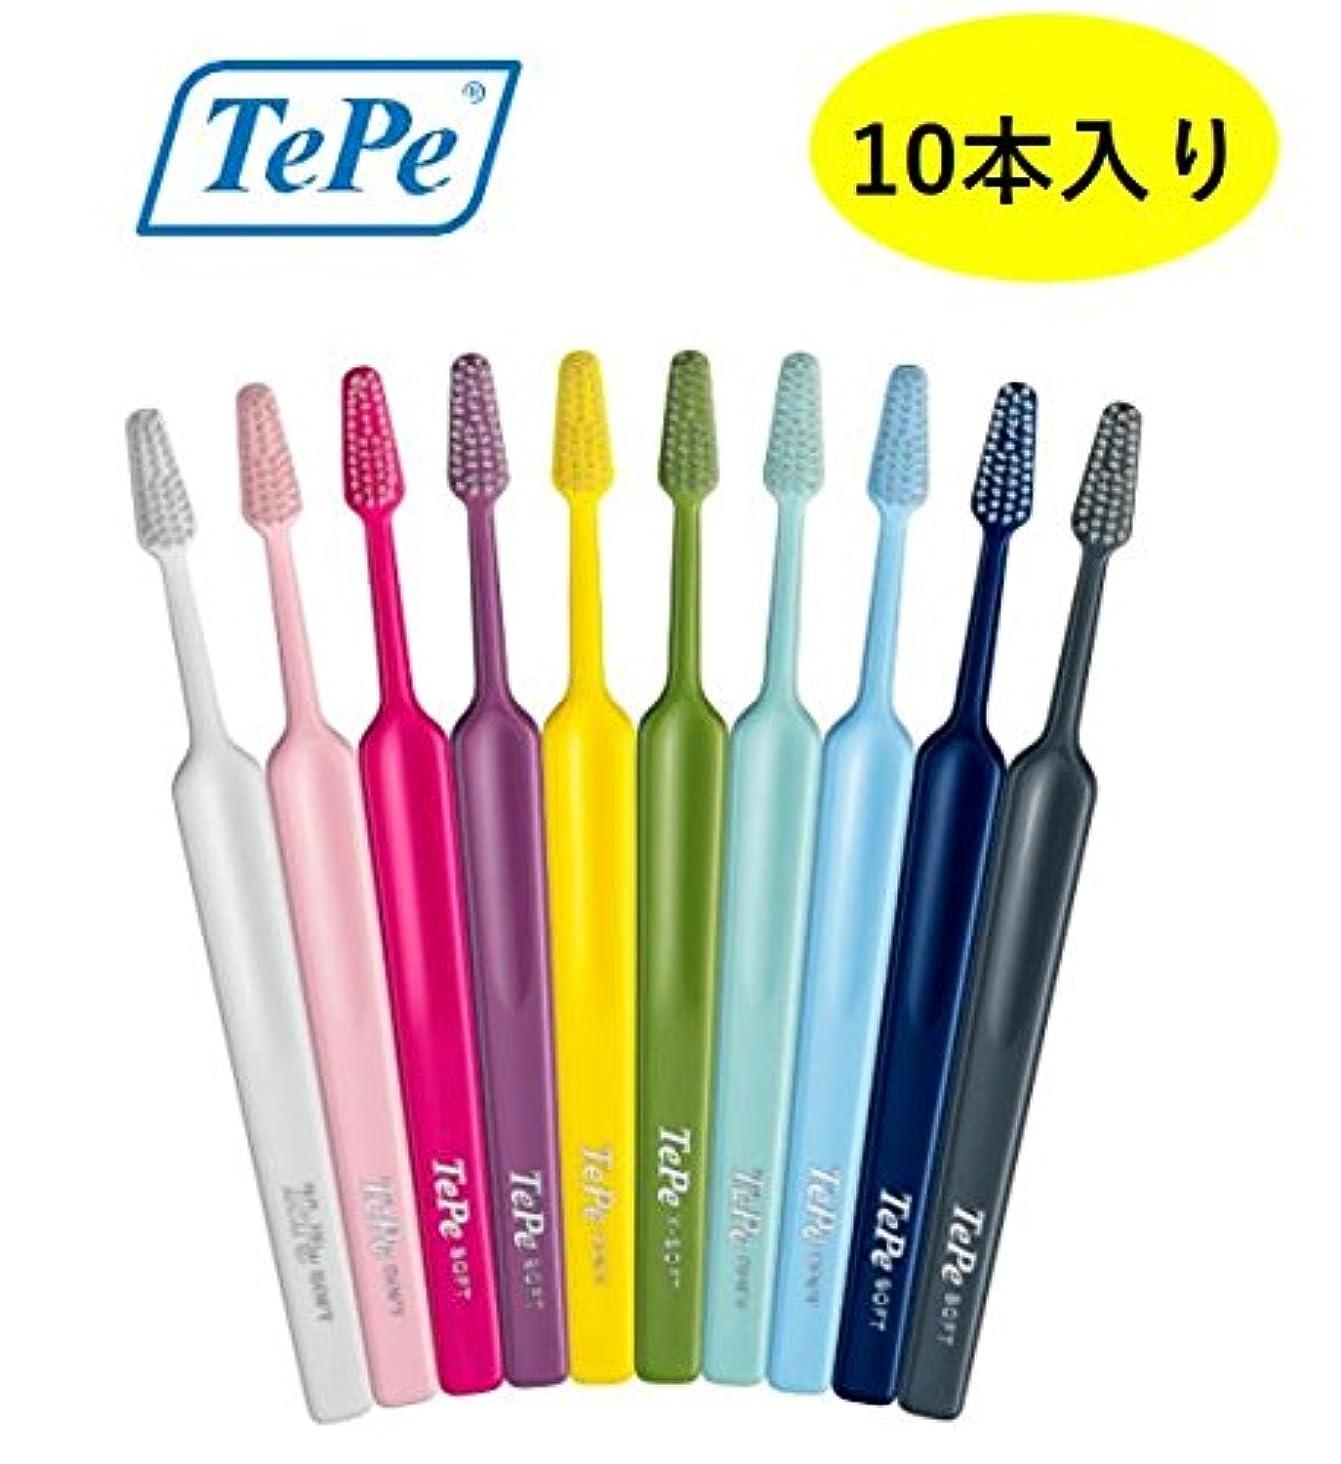 すき革新デッキテペ ソフト(やわらかめ) 10本 ブリスターパック TePe